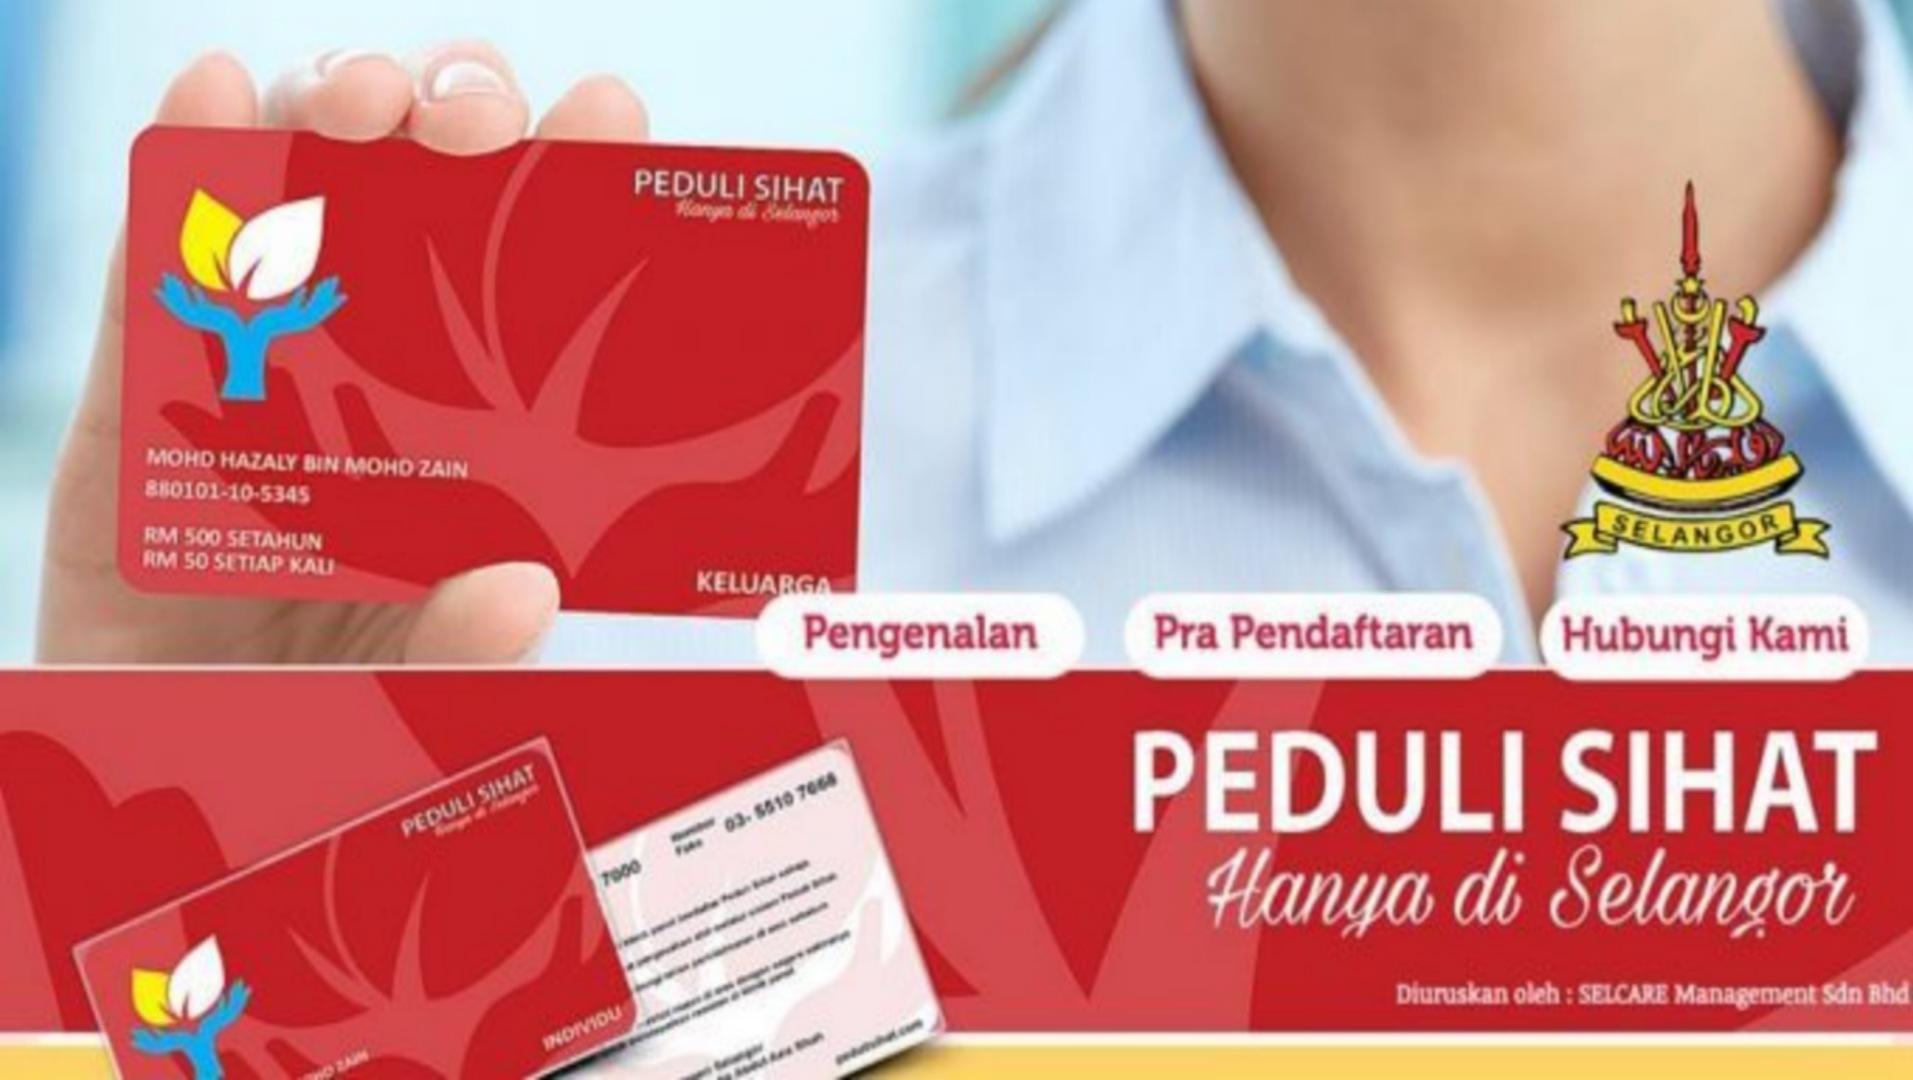 Permohonan Kad Peduli Sihat Selangor 2021 Online (Borang)